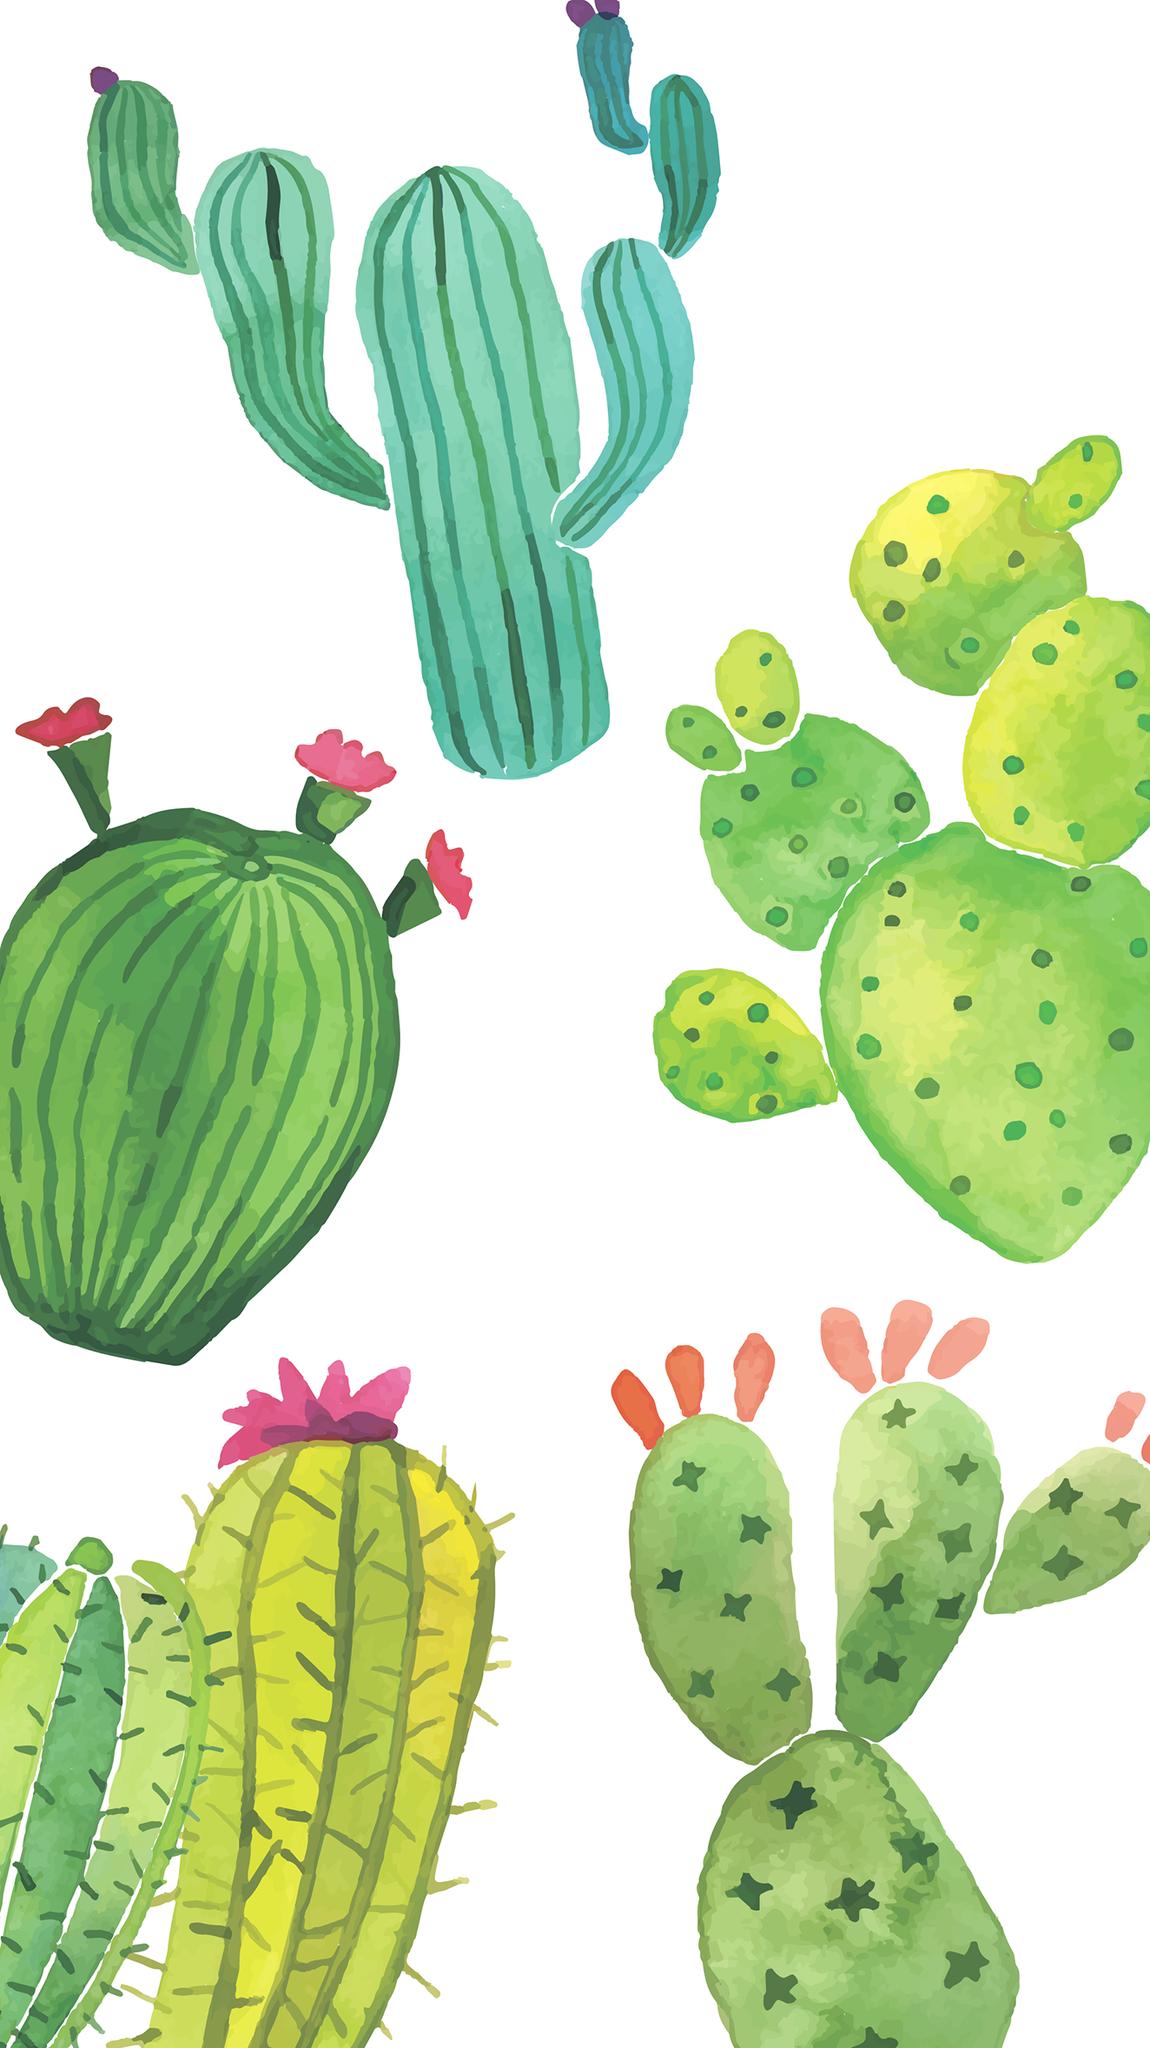 13 Cute Cactus Wallpapers On Wallpapersafari